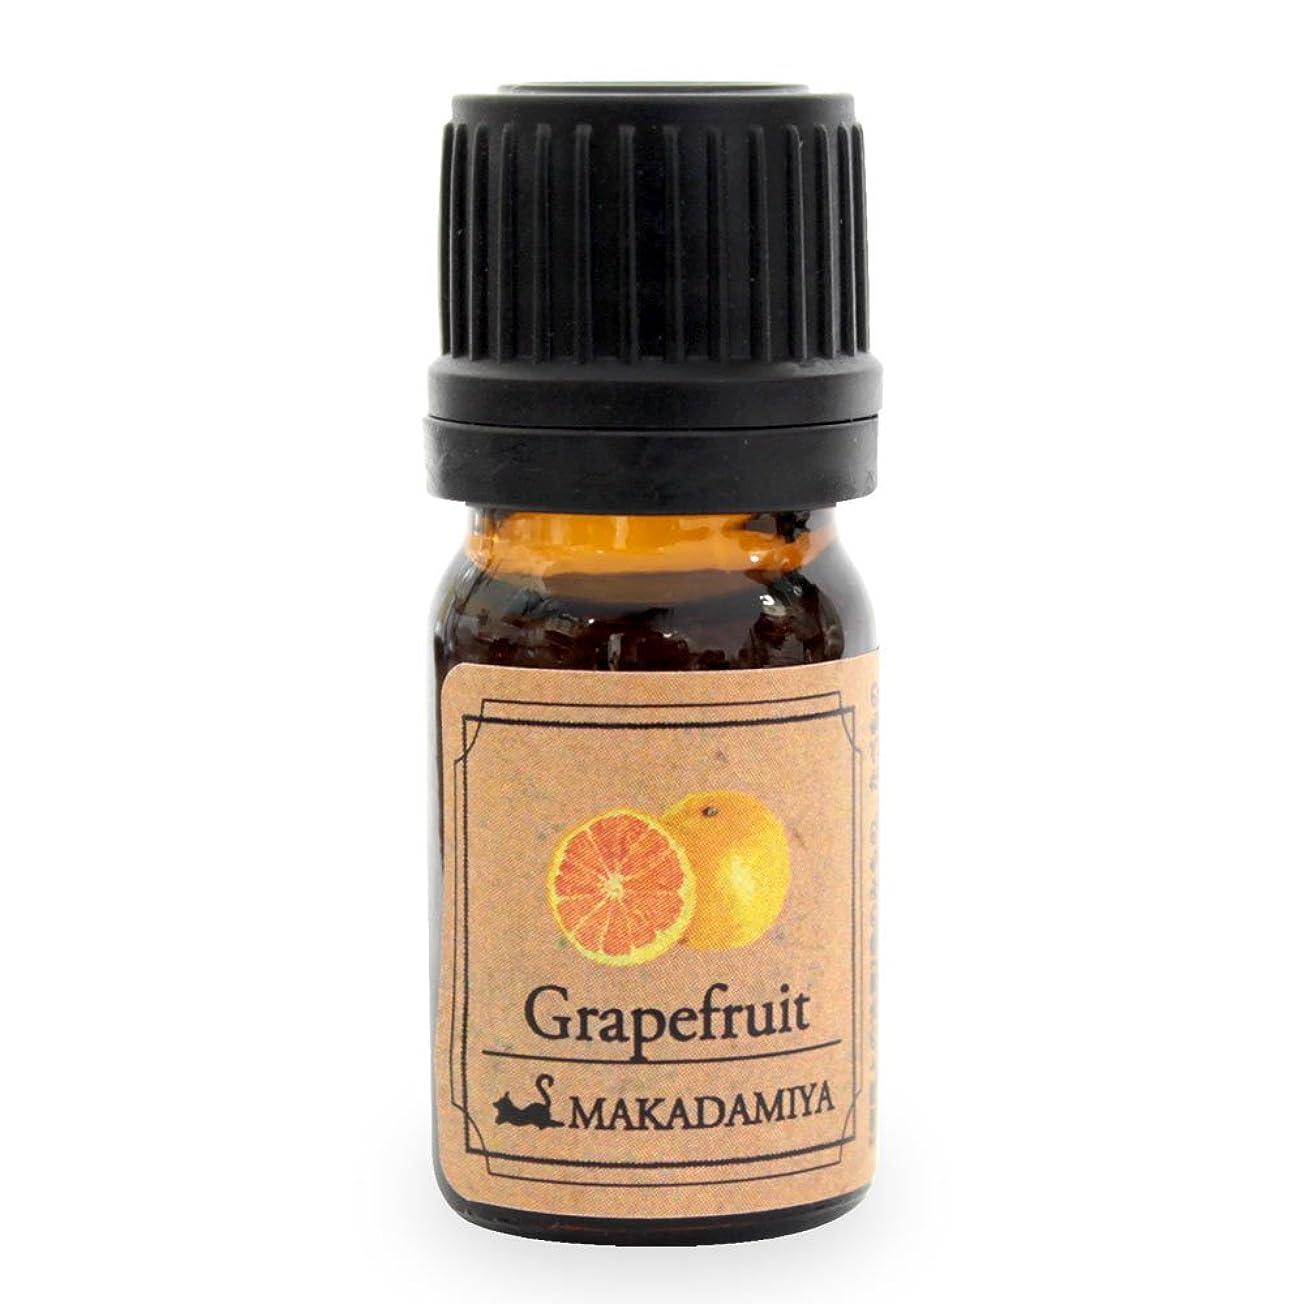 部生息地安いですグレープフルーツ5ml 天然100%植物性 エッセンシャルオイル(精油) アロマオイル アロママッサージ aroma Grapefruit